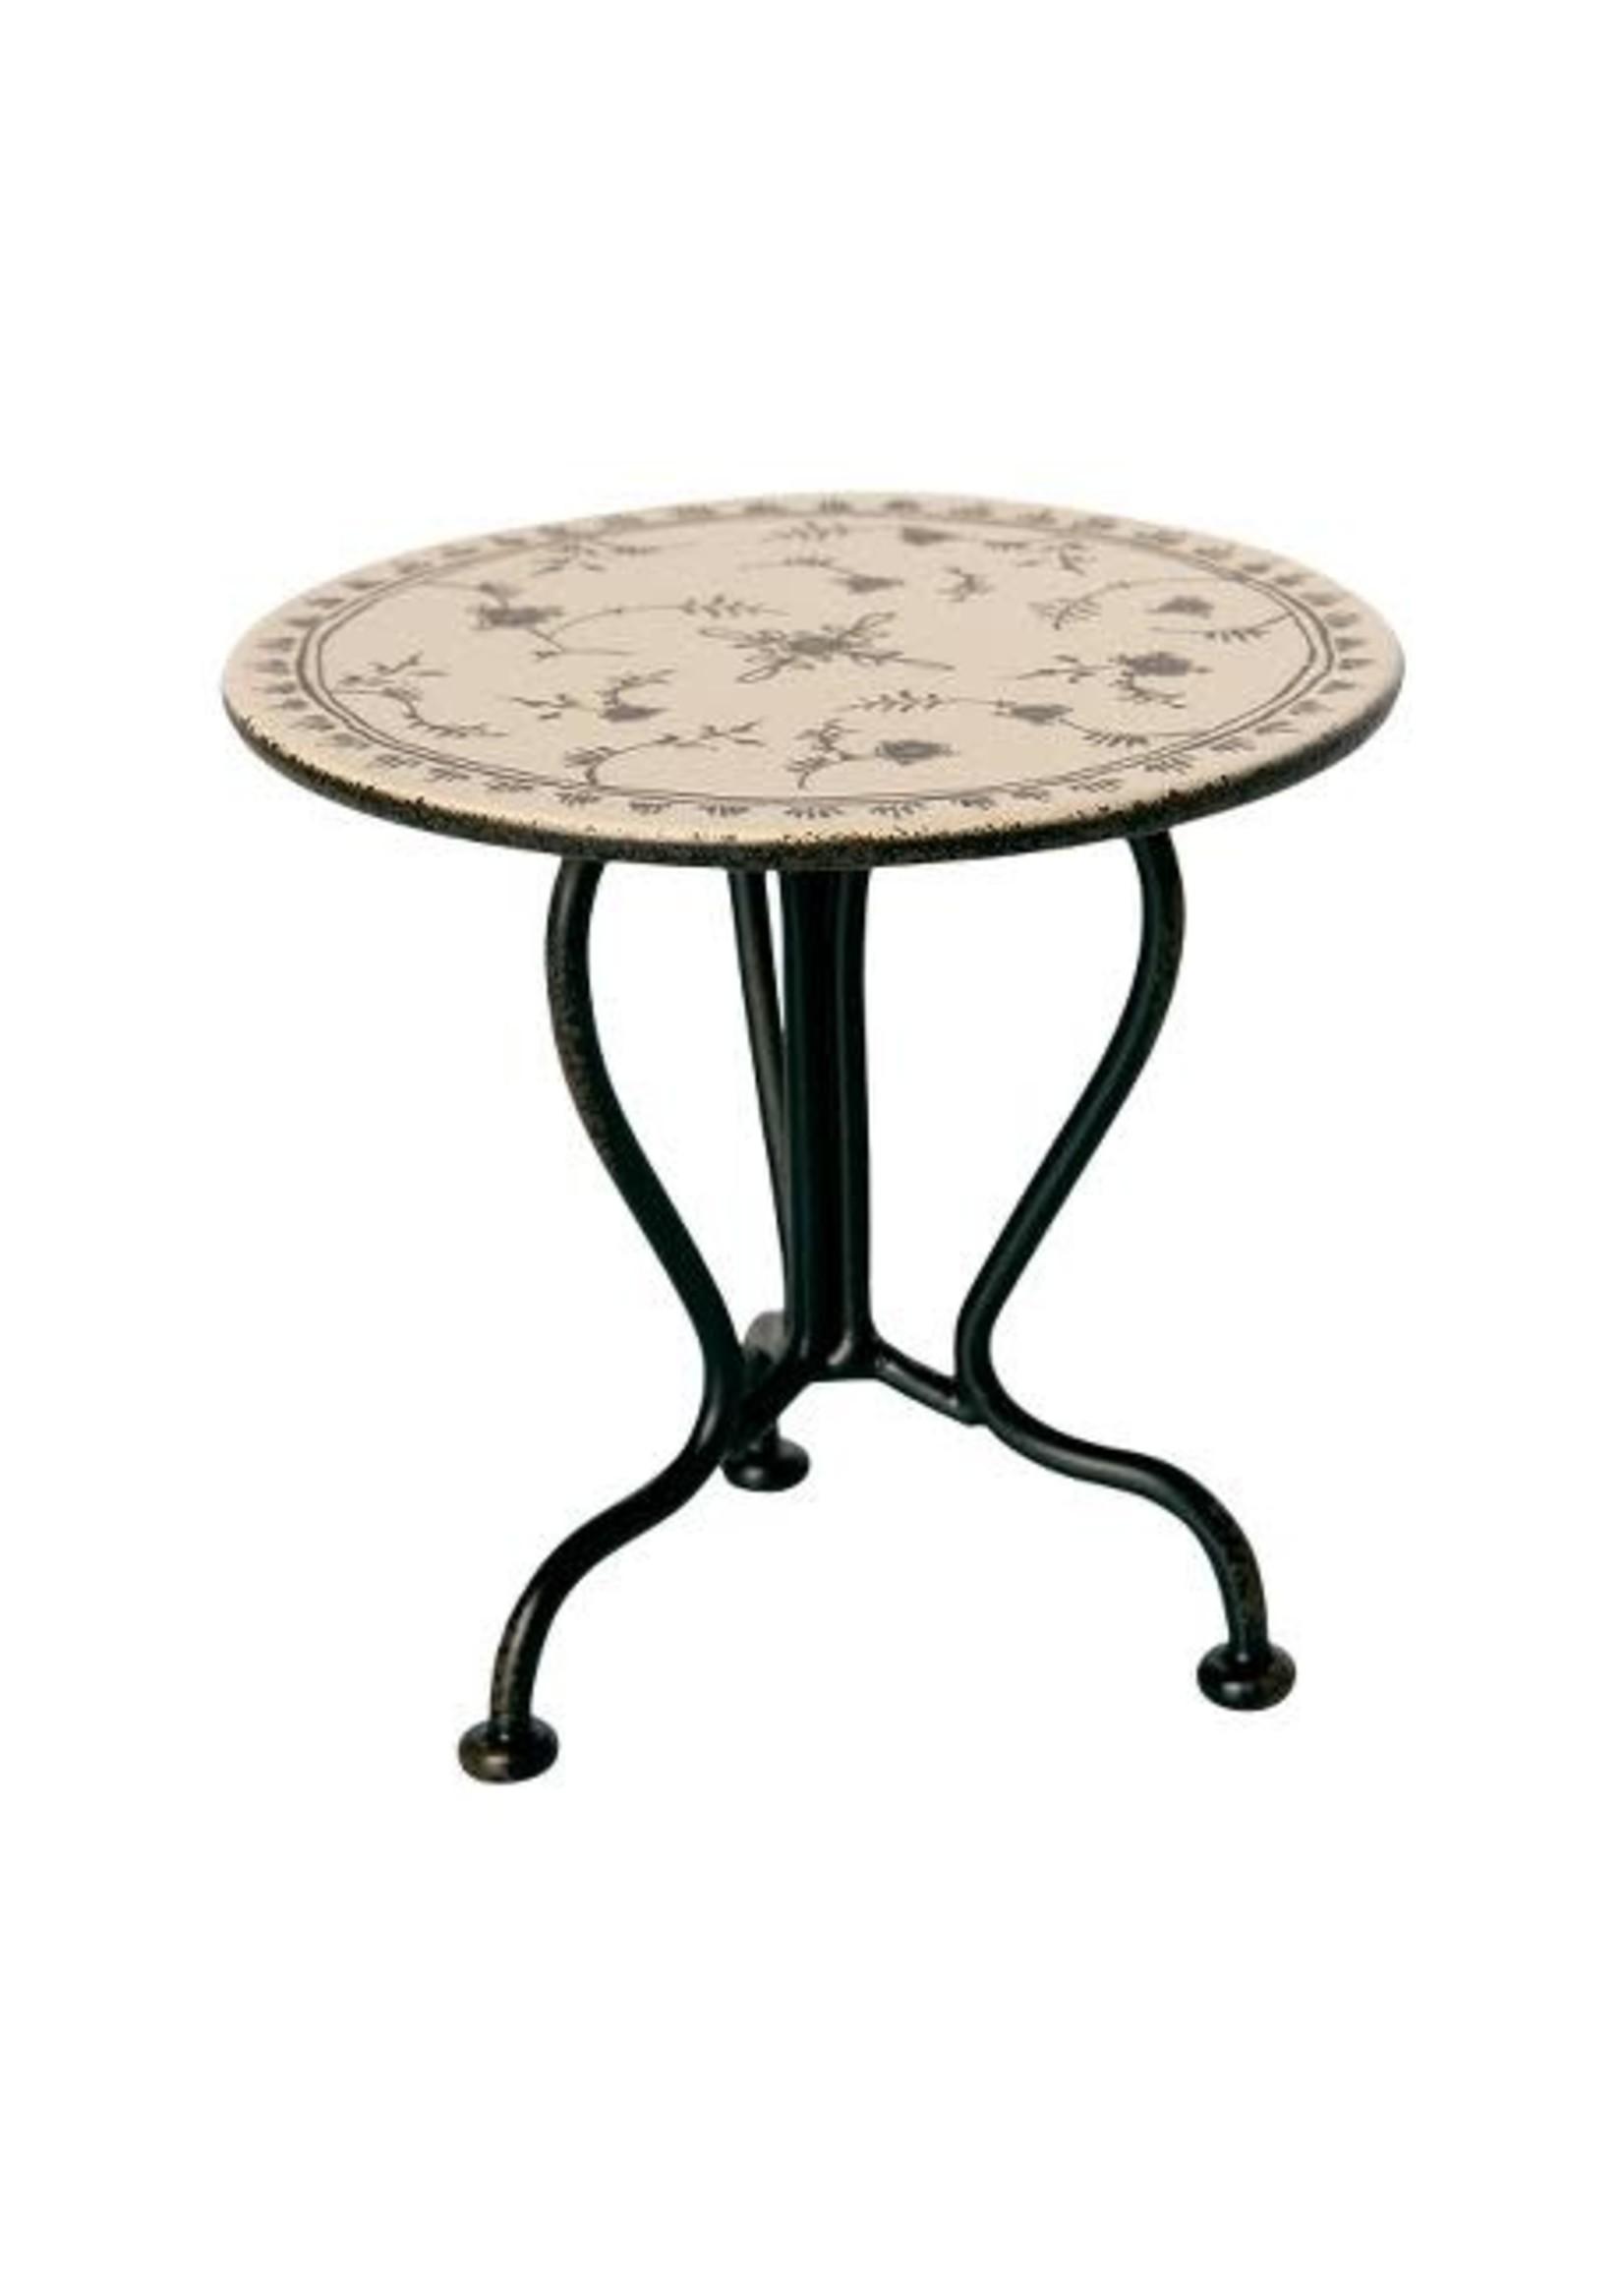 Maileg Vintage Tea Table - Micro (black)